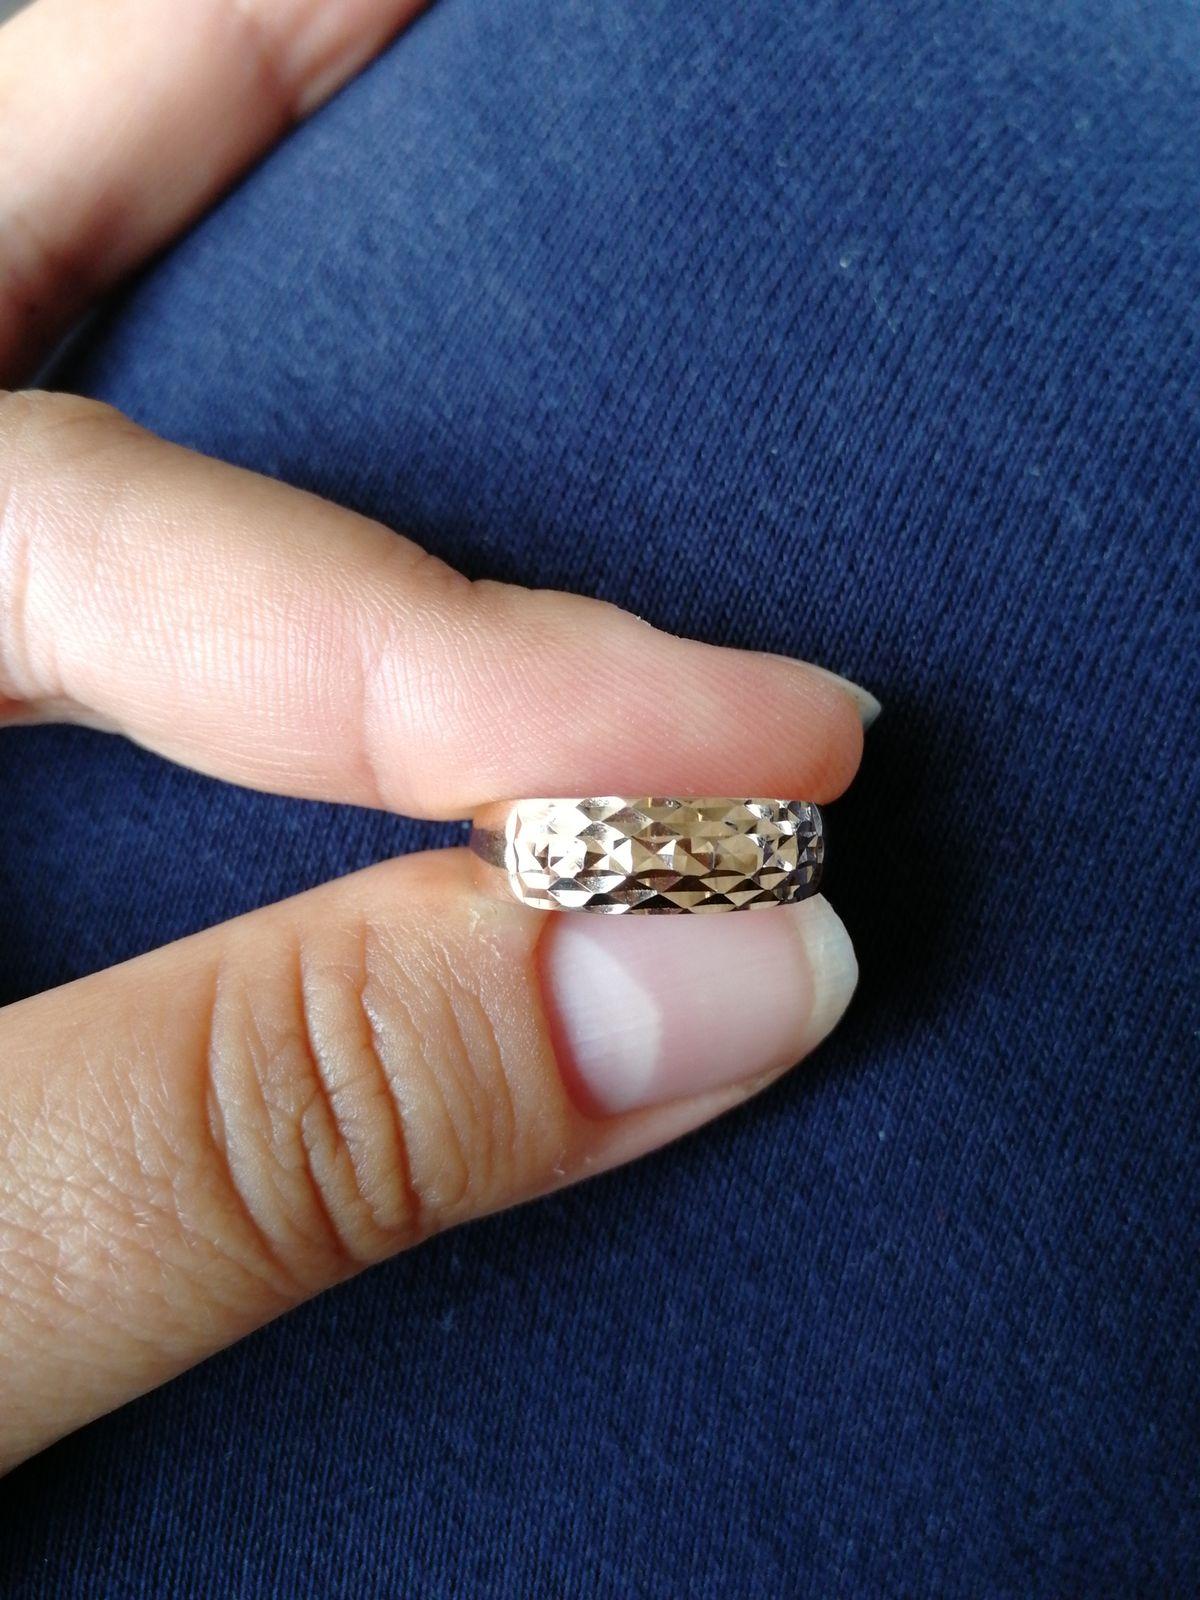 Кольцо, колечко.